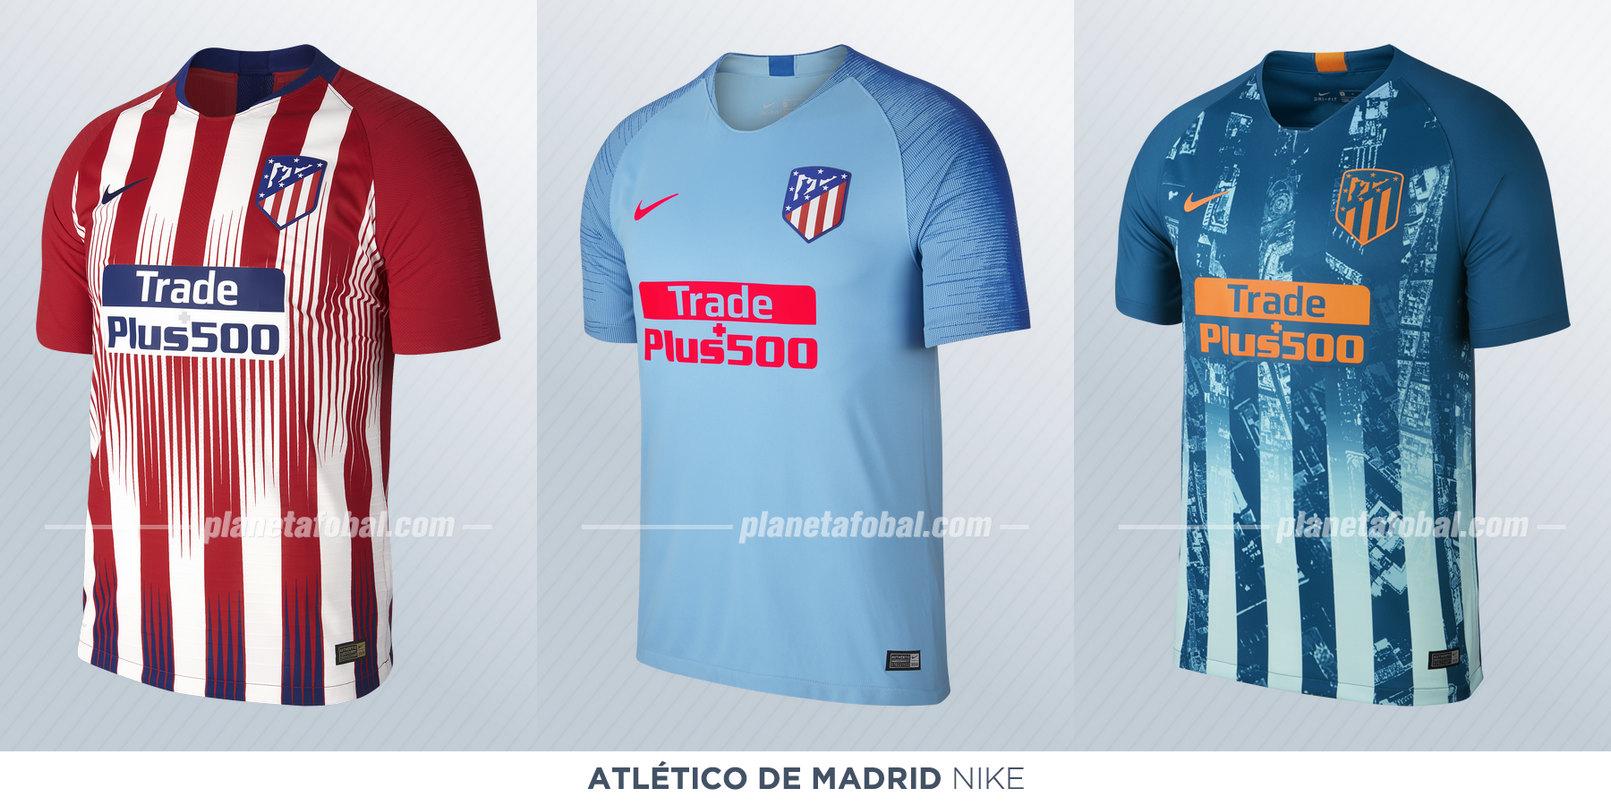 Intentar de ultramar Árbol genealógico  camisetas nike futbol espana baratas online